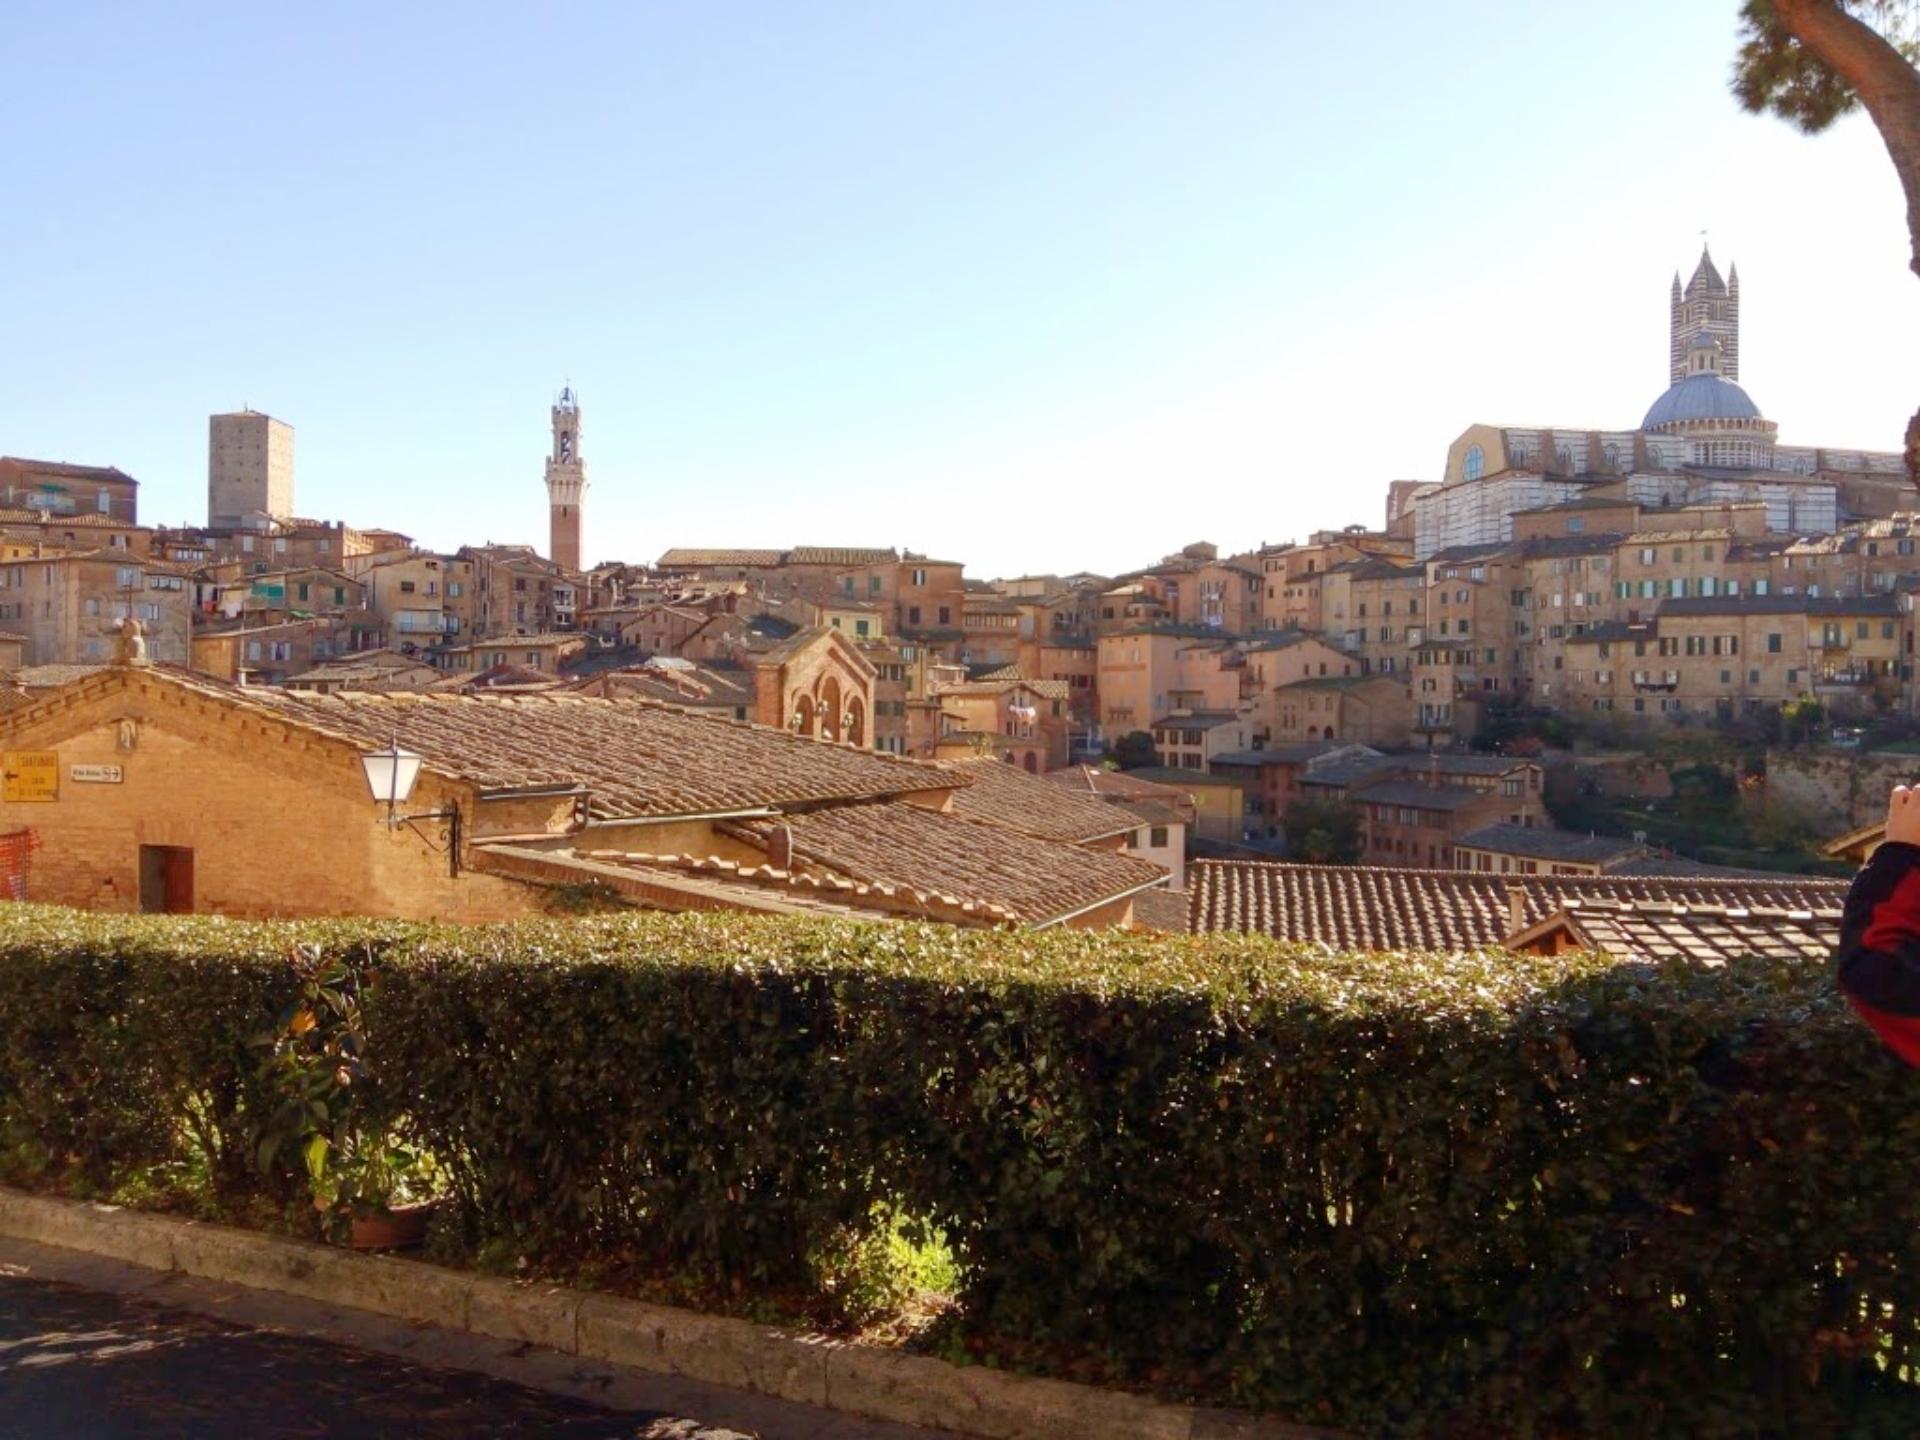 Vista de parte da cidade de Siena. Foto: Carolina Werneck/Gazeta do Povo